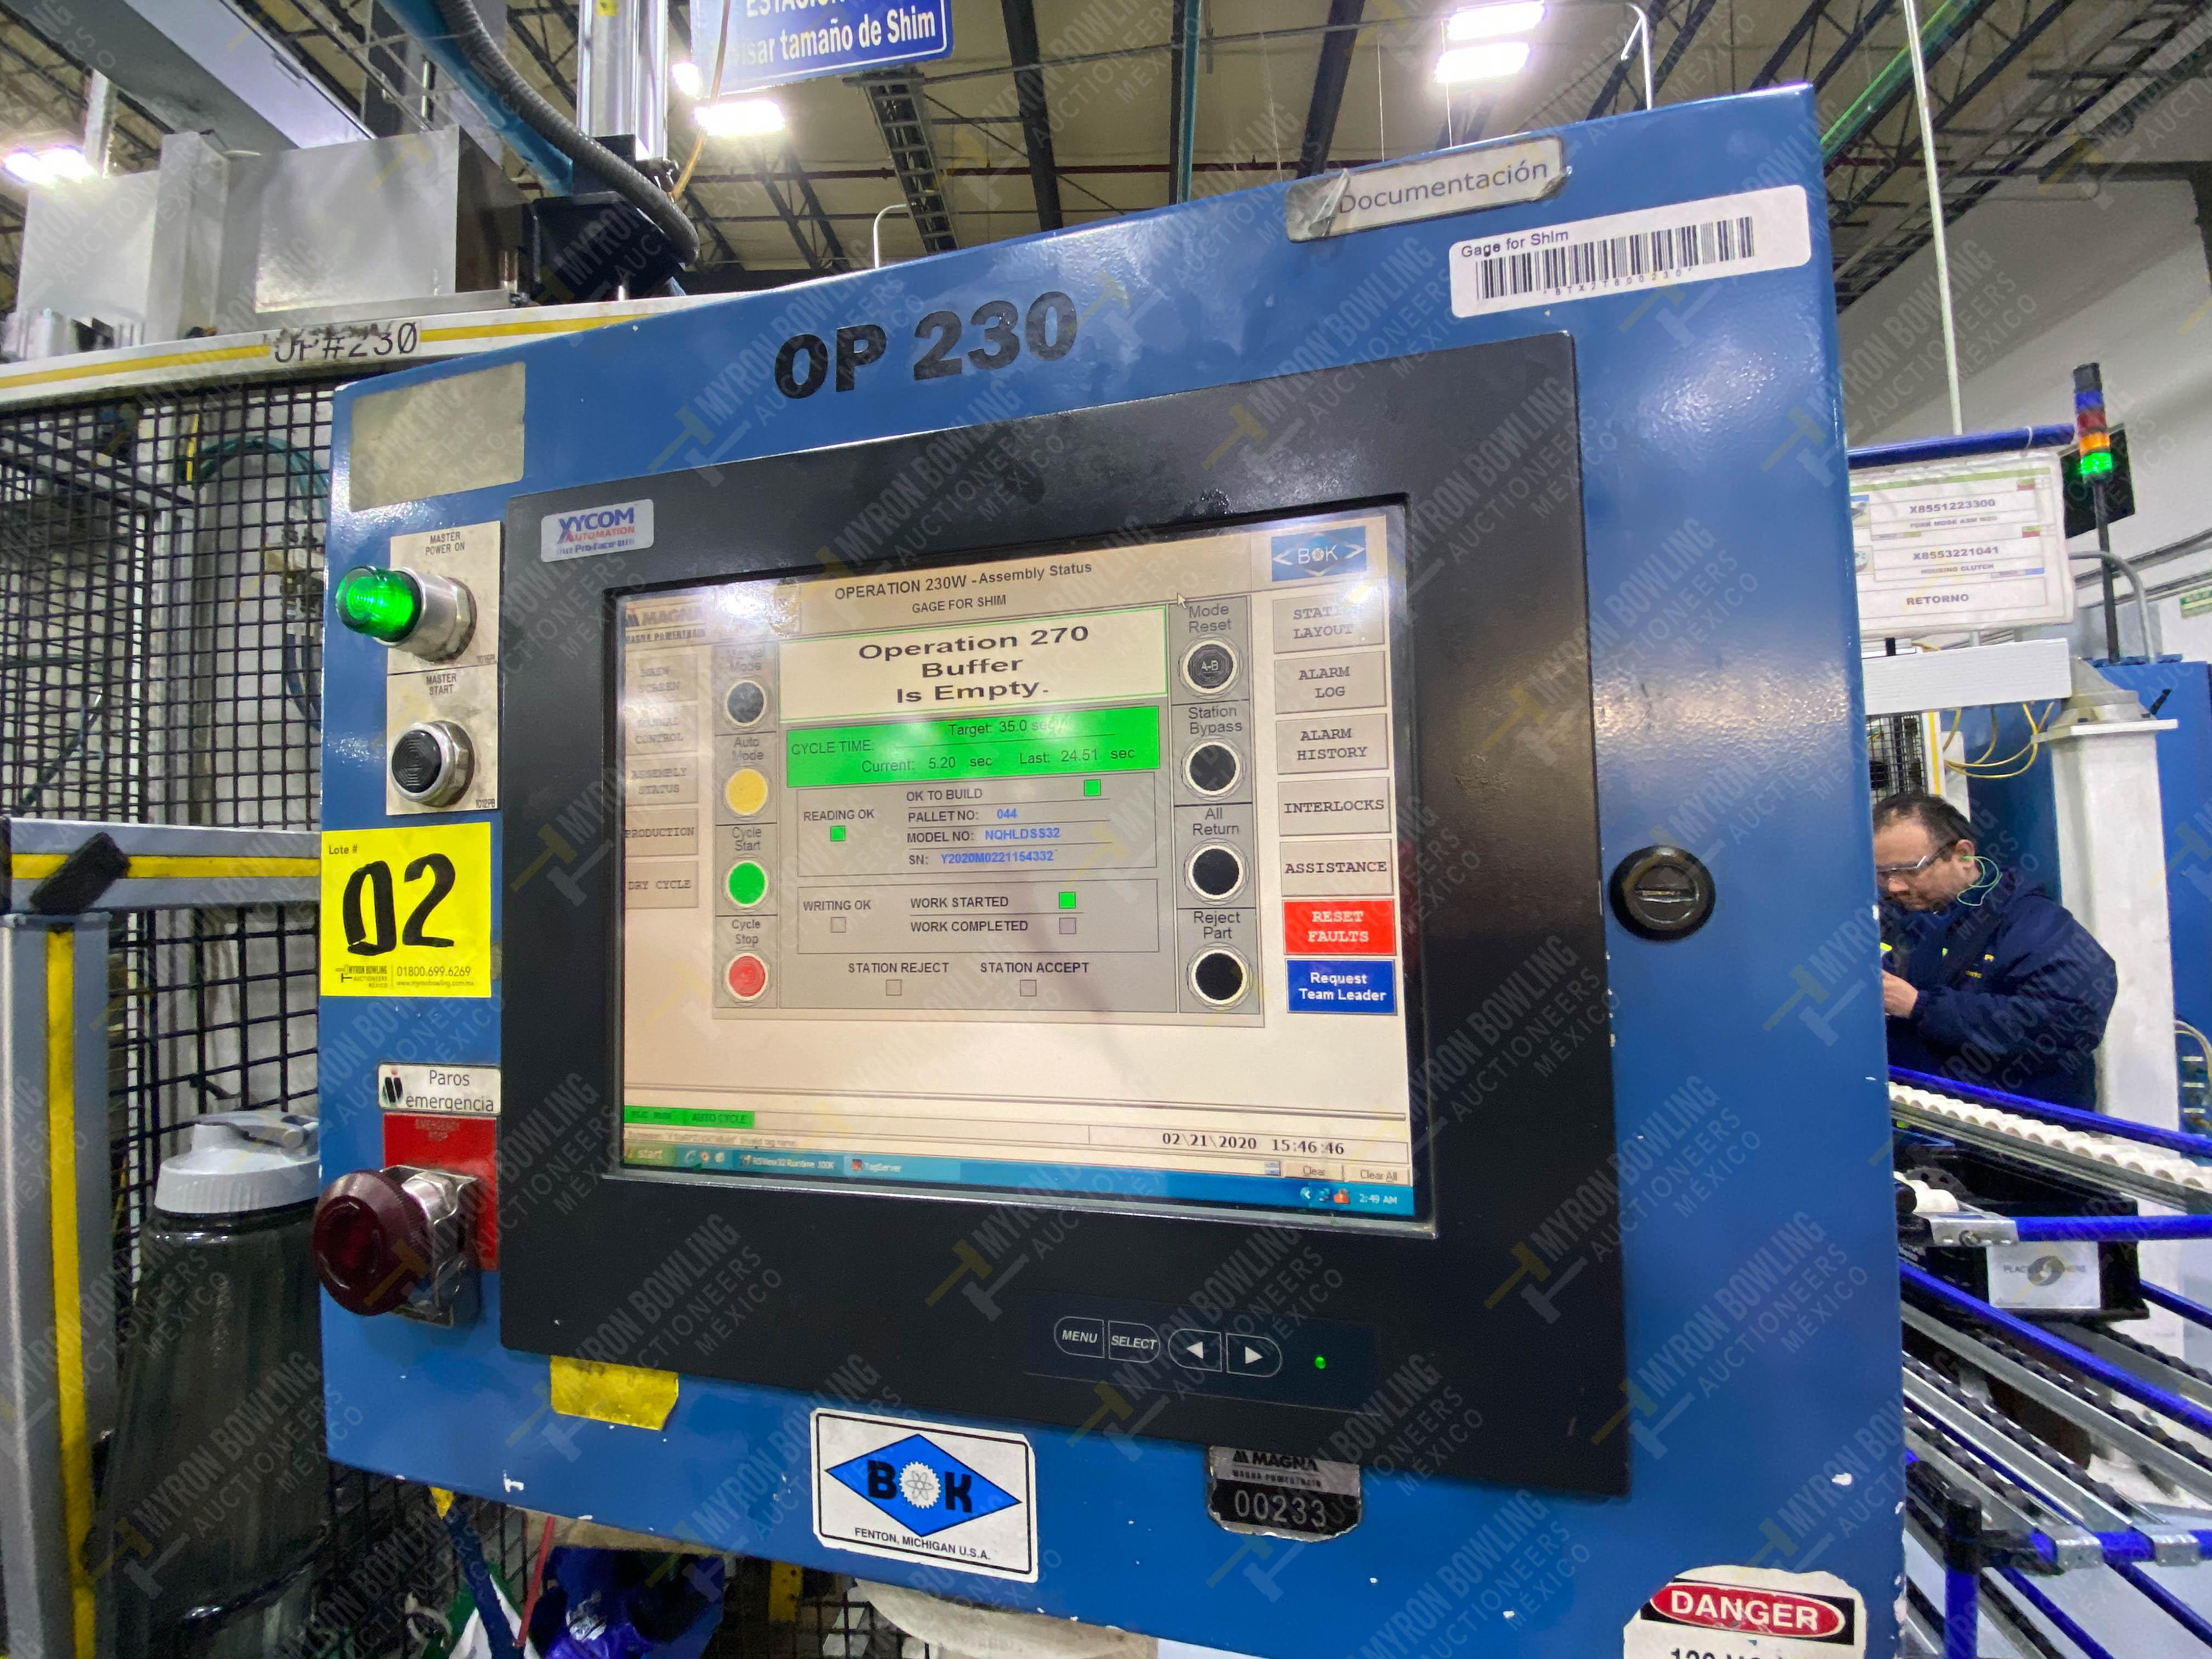 Estación automática para operación 230, para medición de gap - Image 34 of 36